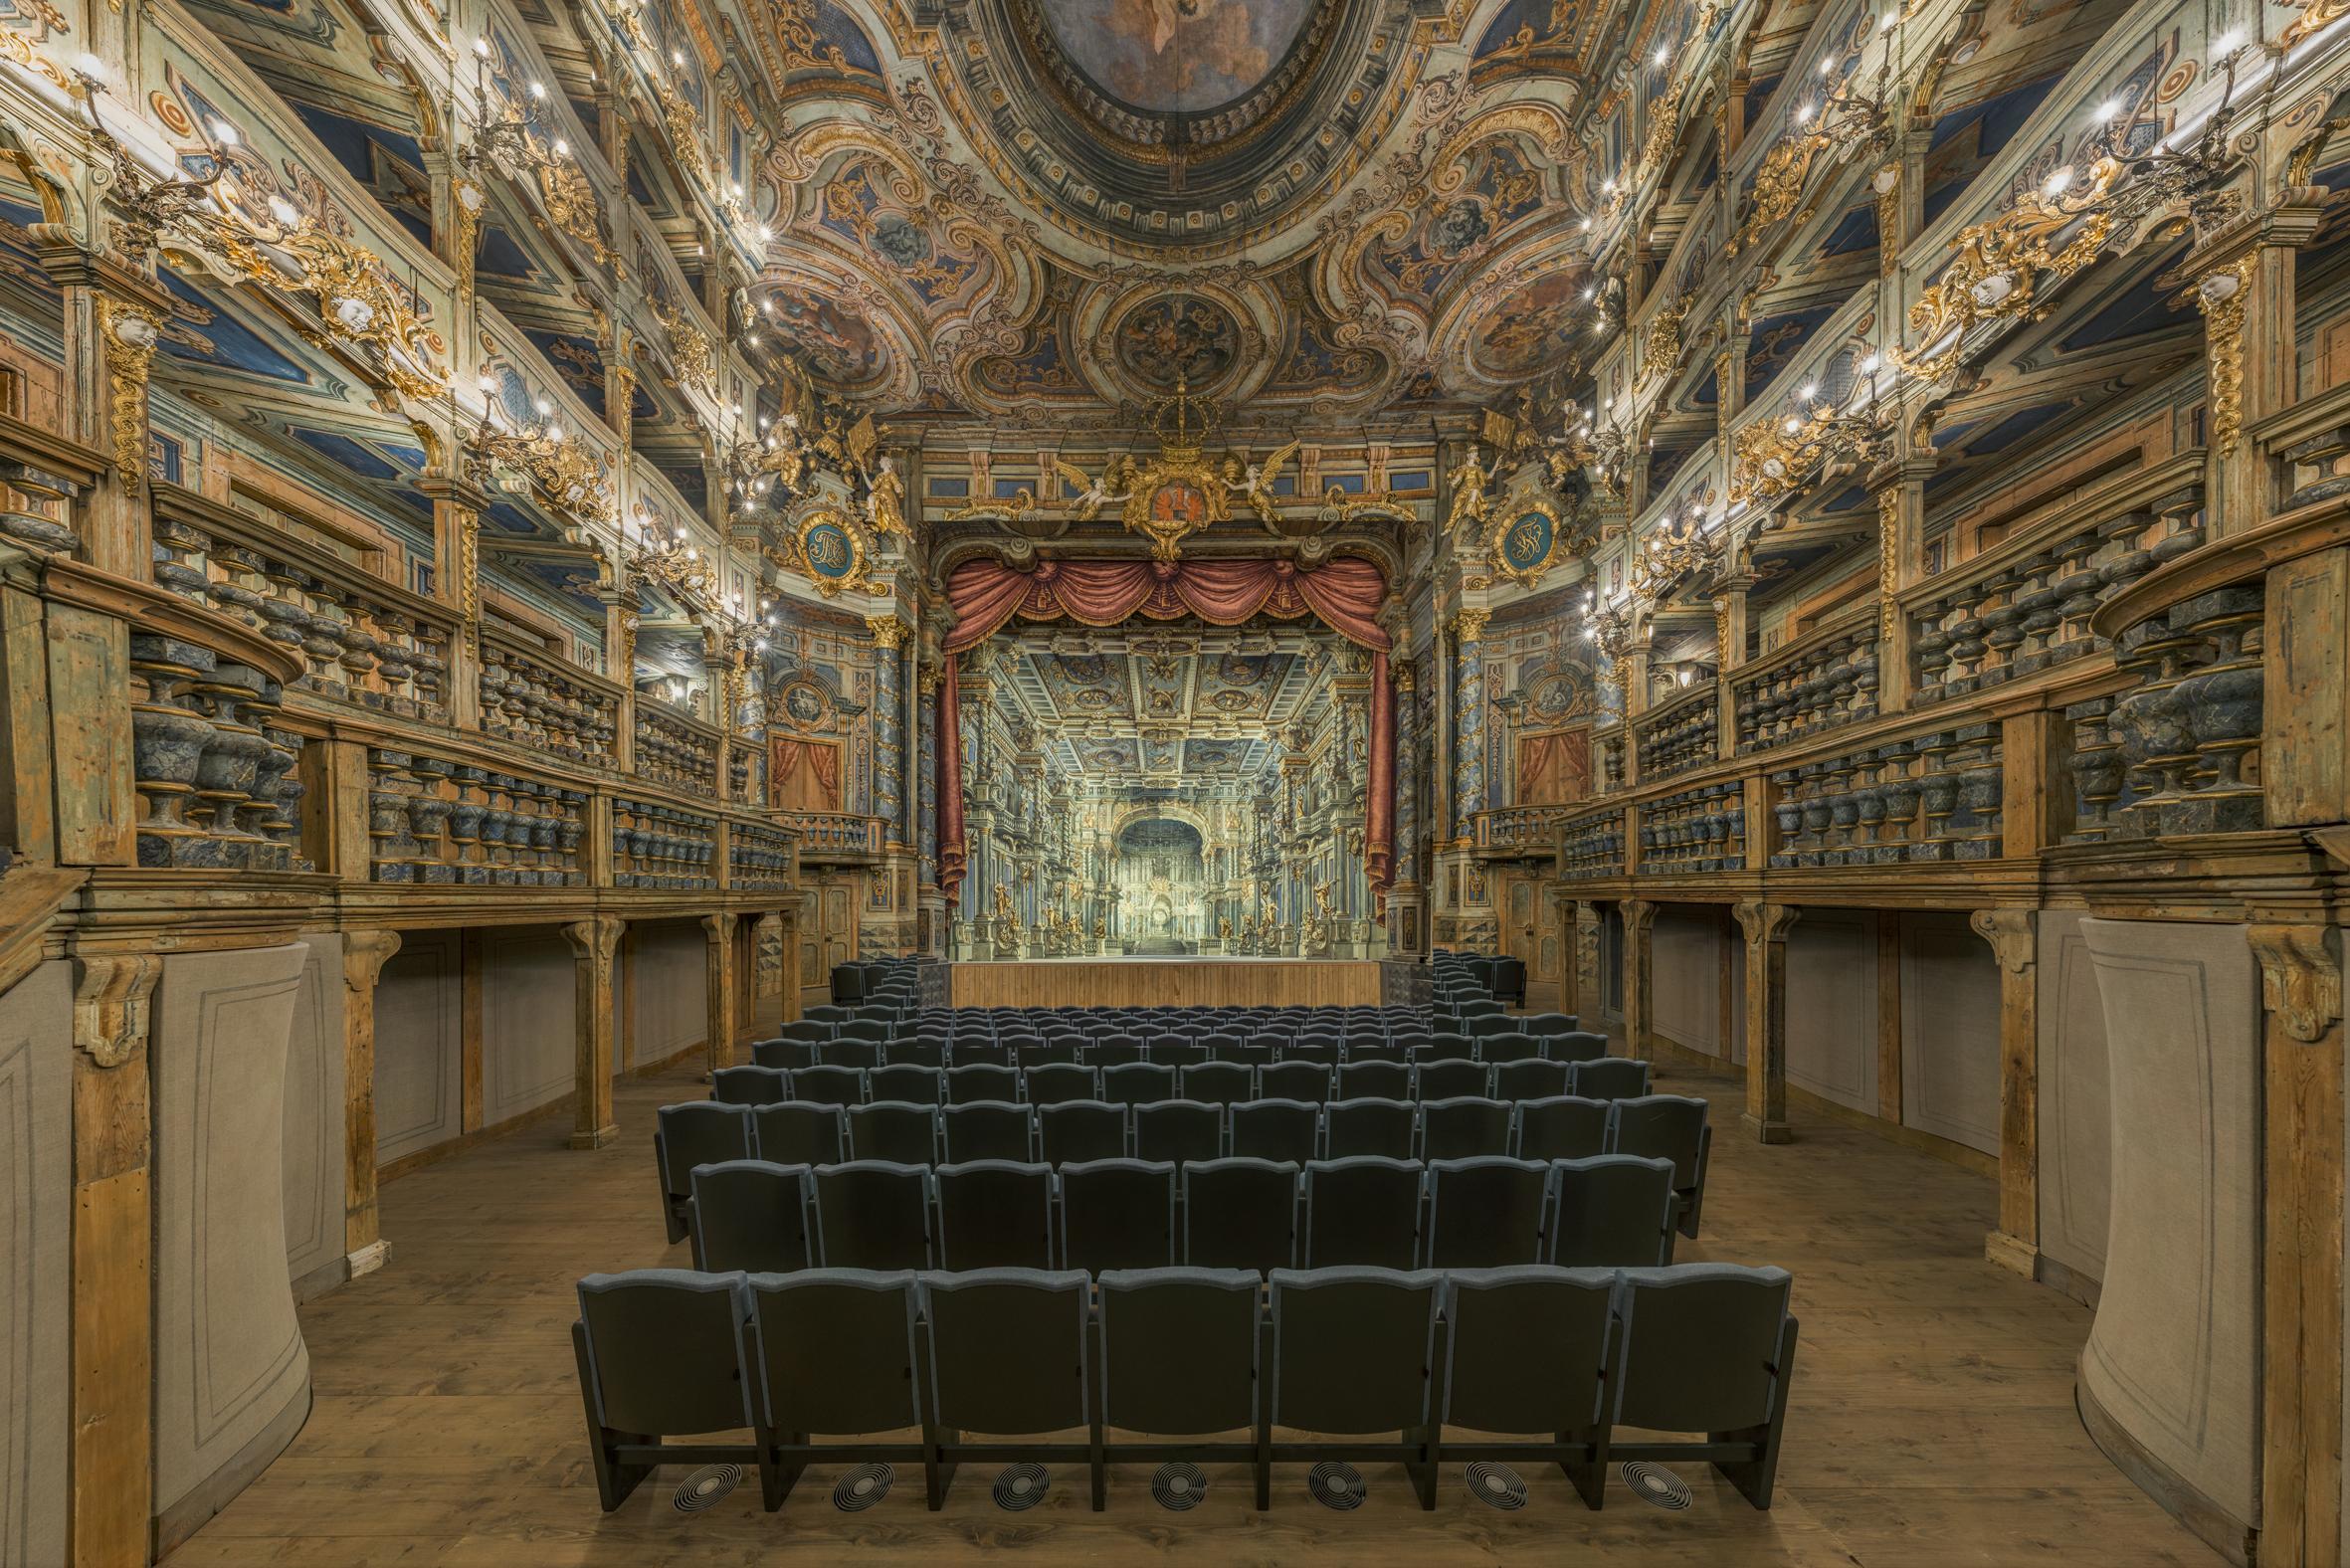 Anfang September startet das neue Opernfestival BAYREUTH BAROQUE im Markgräflichen Opernhaus Bayreuth